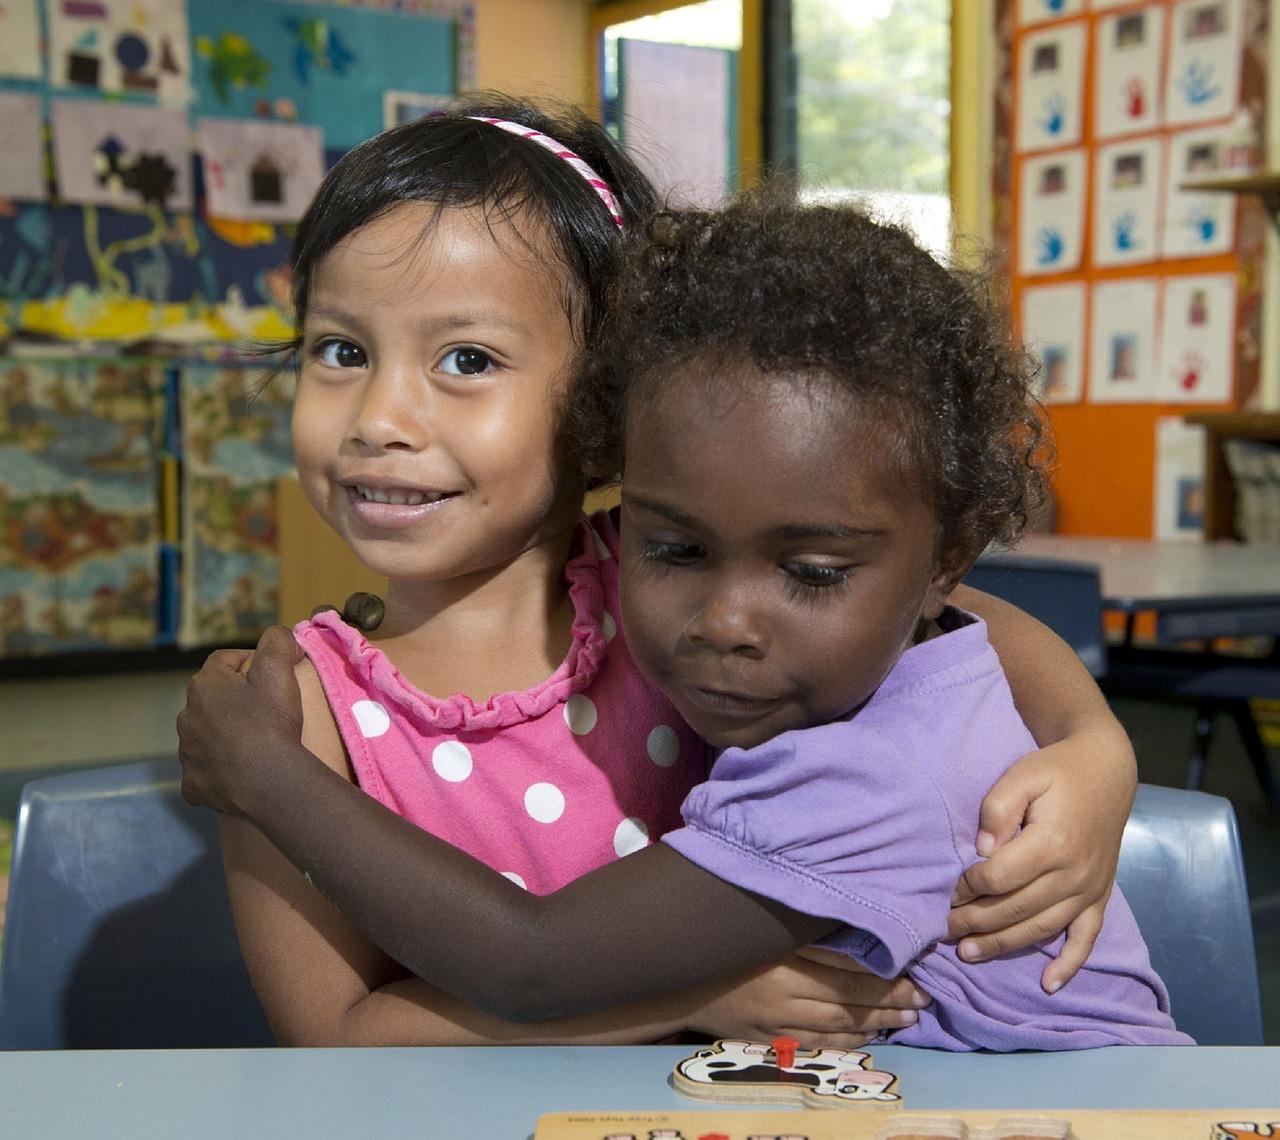 Å bygge barns vokabular: Hvilke ord bør jeg fokusere på?